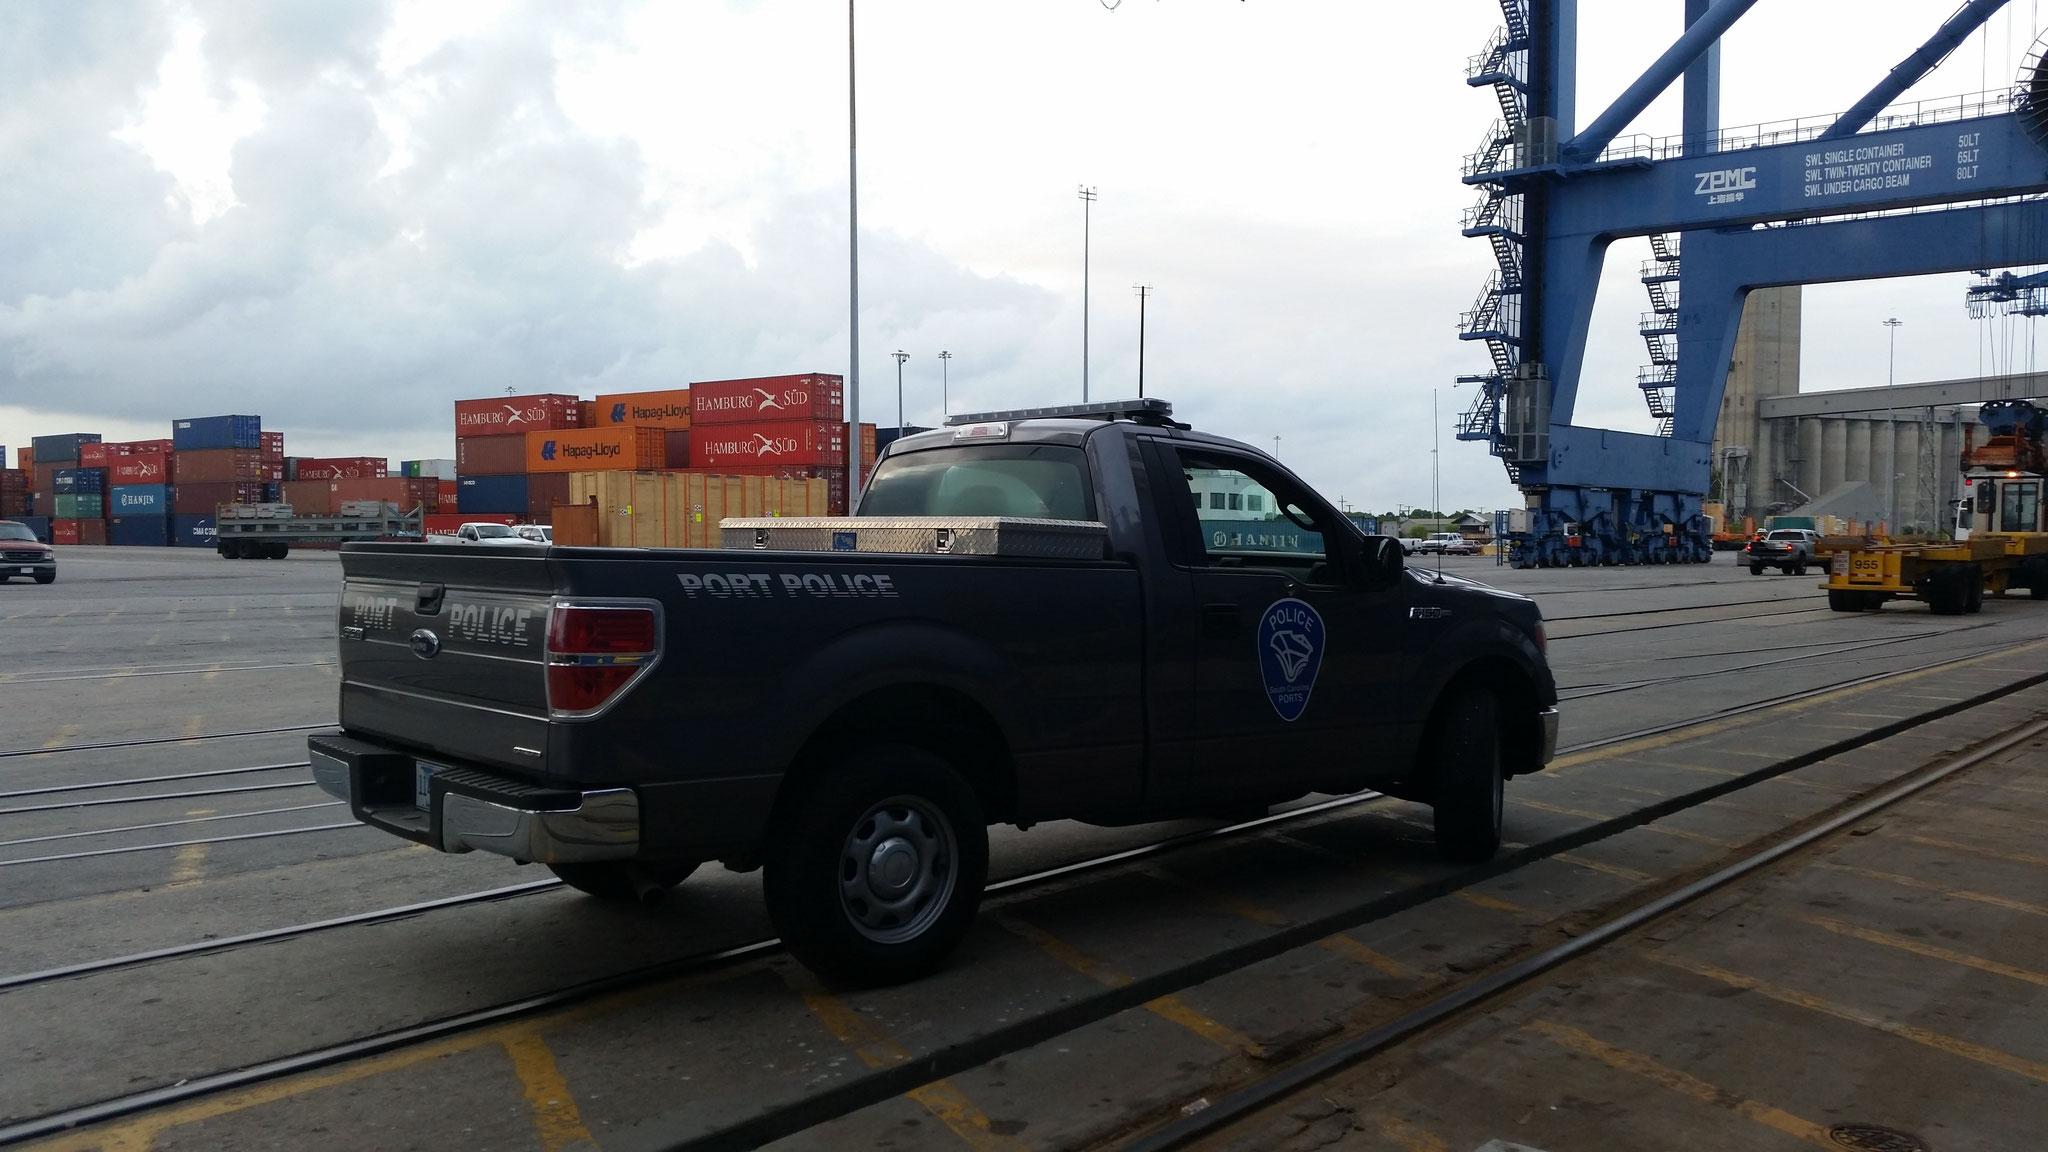 kaum waren wir von Bord und warteten auf unser Taxi, kam auch schon die Port Police mit Blaulicht angesaust. Wir hatten keinen Helm auf. Hmmm...also ich bezweifle, dass wenn ein Container rutnerfallen sollte, ein Helm das Leben rettet